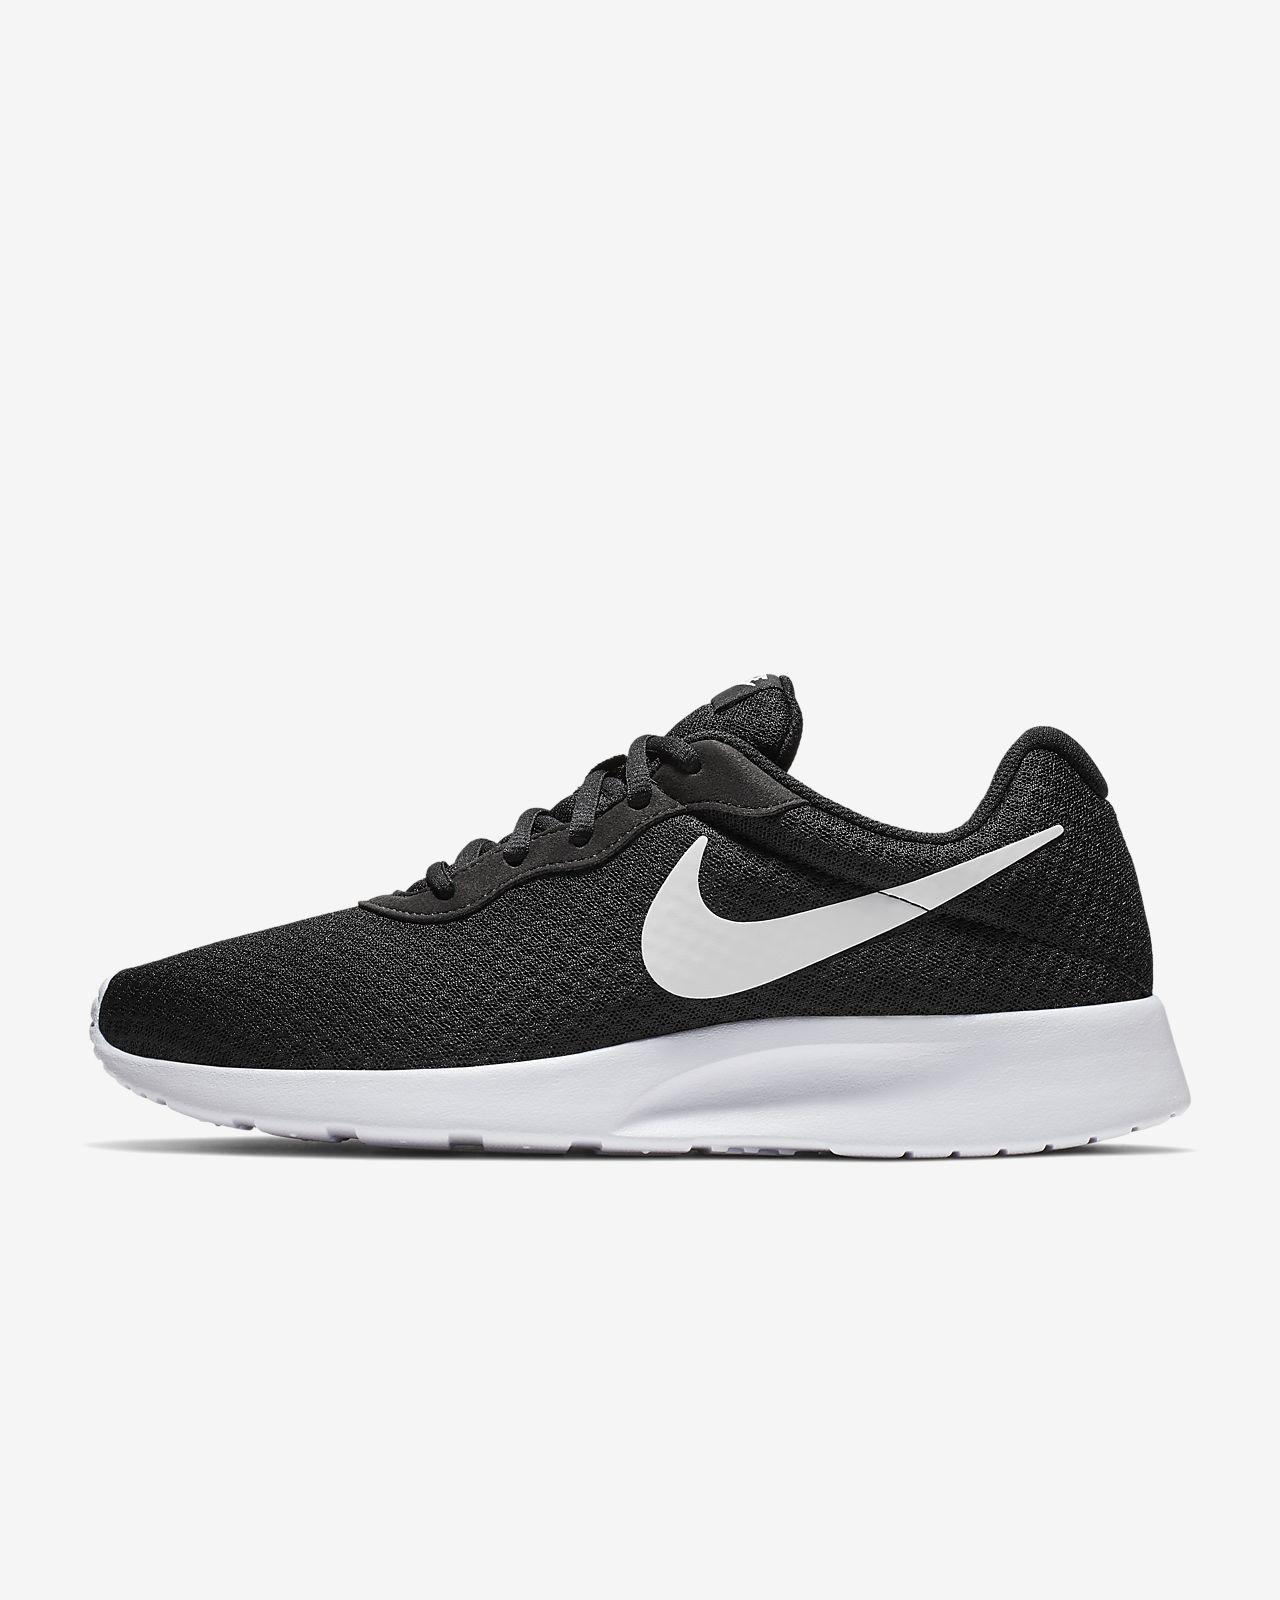 newest 30480 8381d Low Resolution Buty męskie Nike Tanjun Buty męskie Nike Tanjun